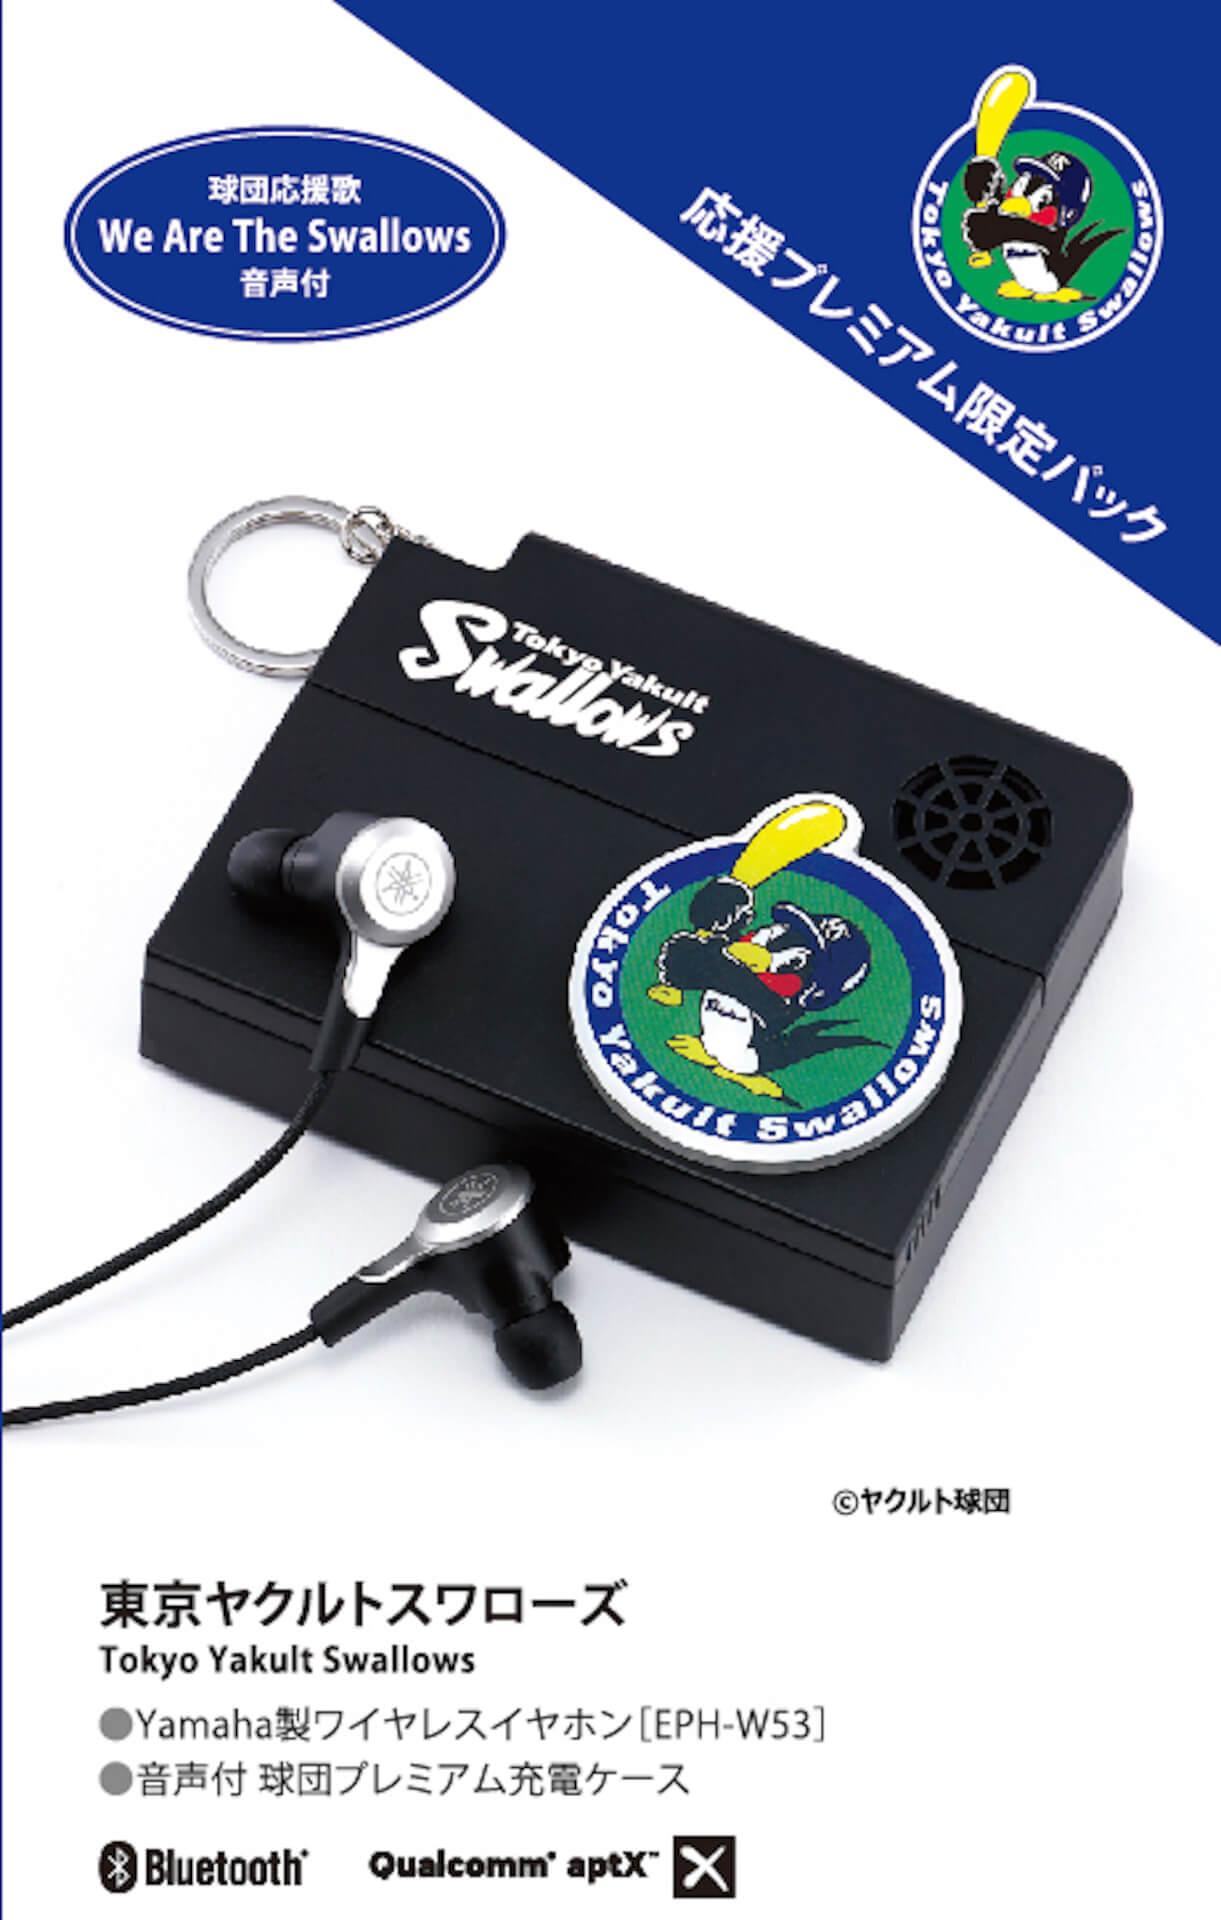 ホークス、タイガースにカープも!ワイヤレスイヤホンとプロ野球10球団別ロゴ入り充電ケースのセットが限定発売 tech191101_baseball_earphone_4